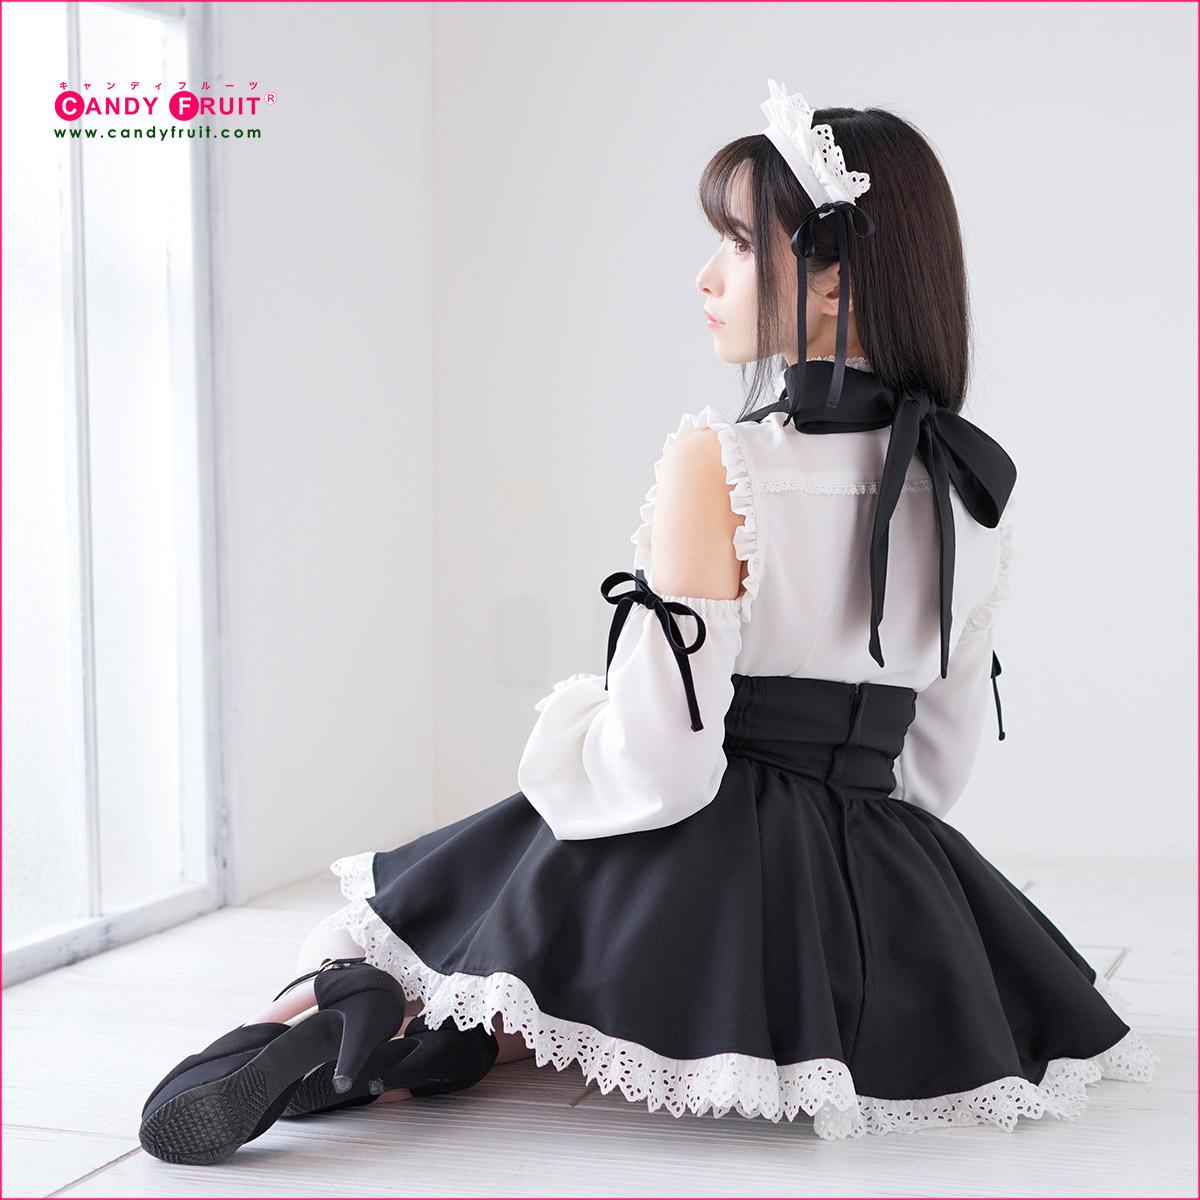 ニコレッタメイド服 ブラック